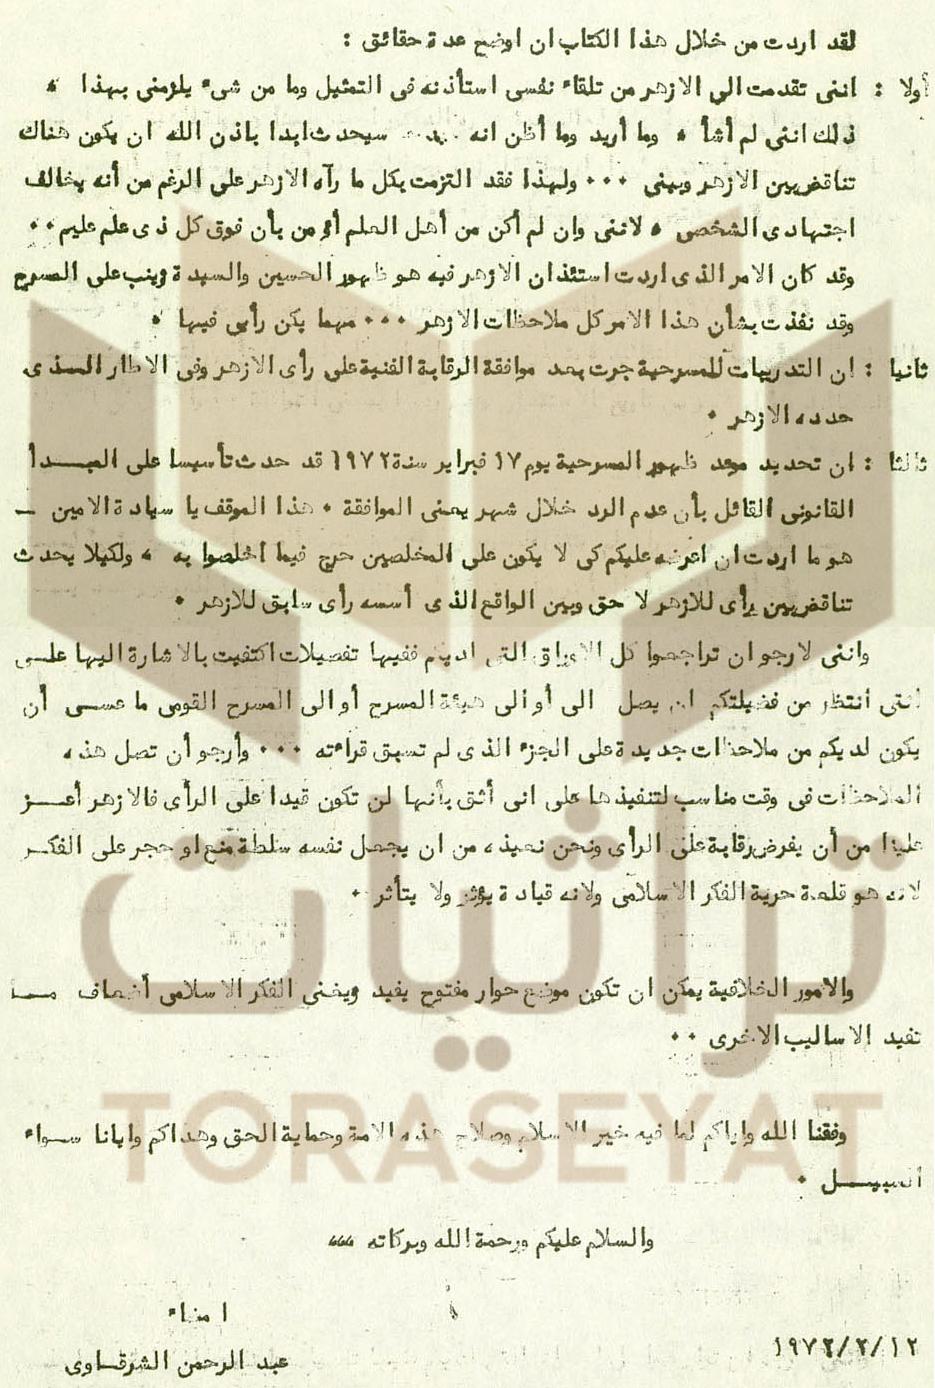 رد عبدالرحمن الشرقاوي في 12 فبراير 1972 م على تقرير الأزهر